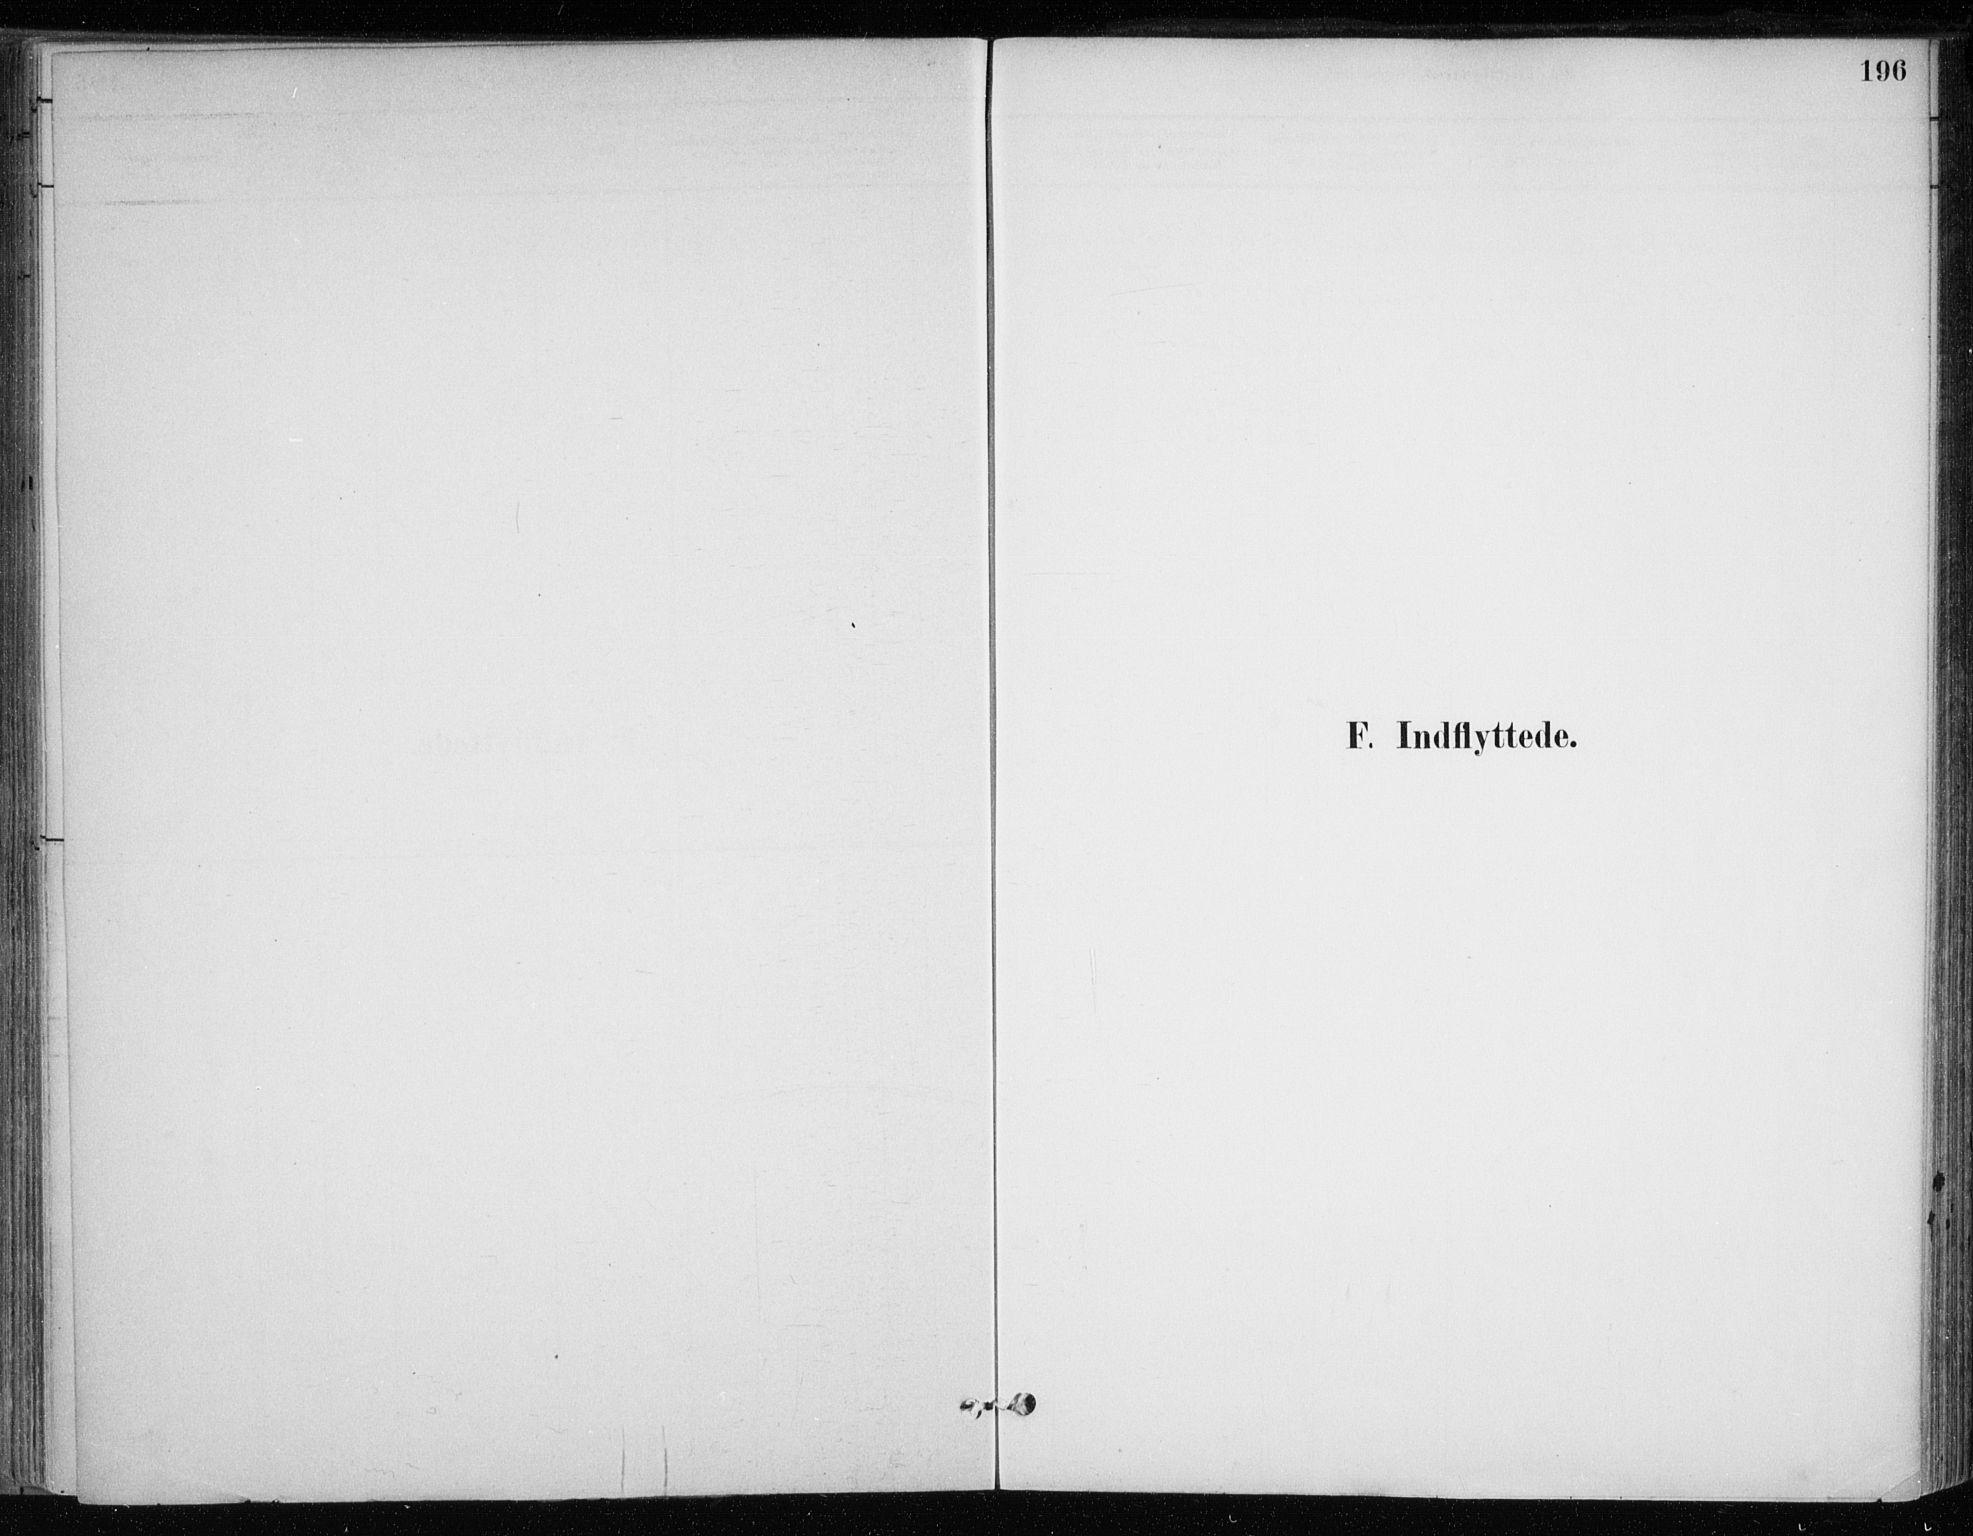 SATØ, Hammerfest sokneprestkontor, H/Ha/L0013.kirke: Ministerialbok nr. 13, 1898-1917, s. 196